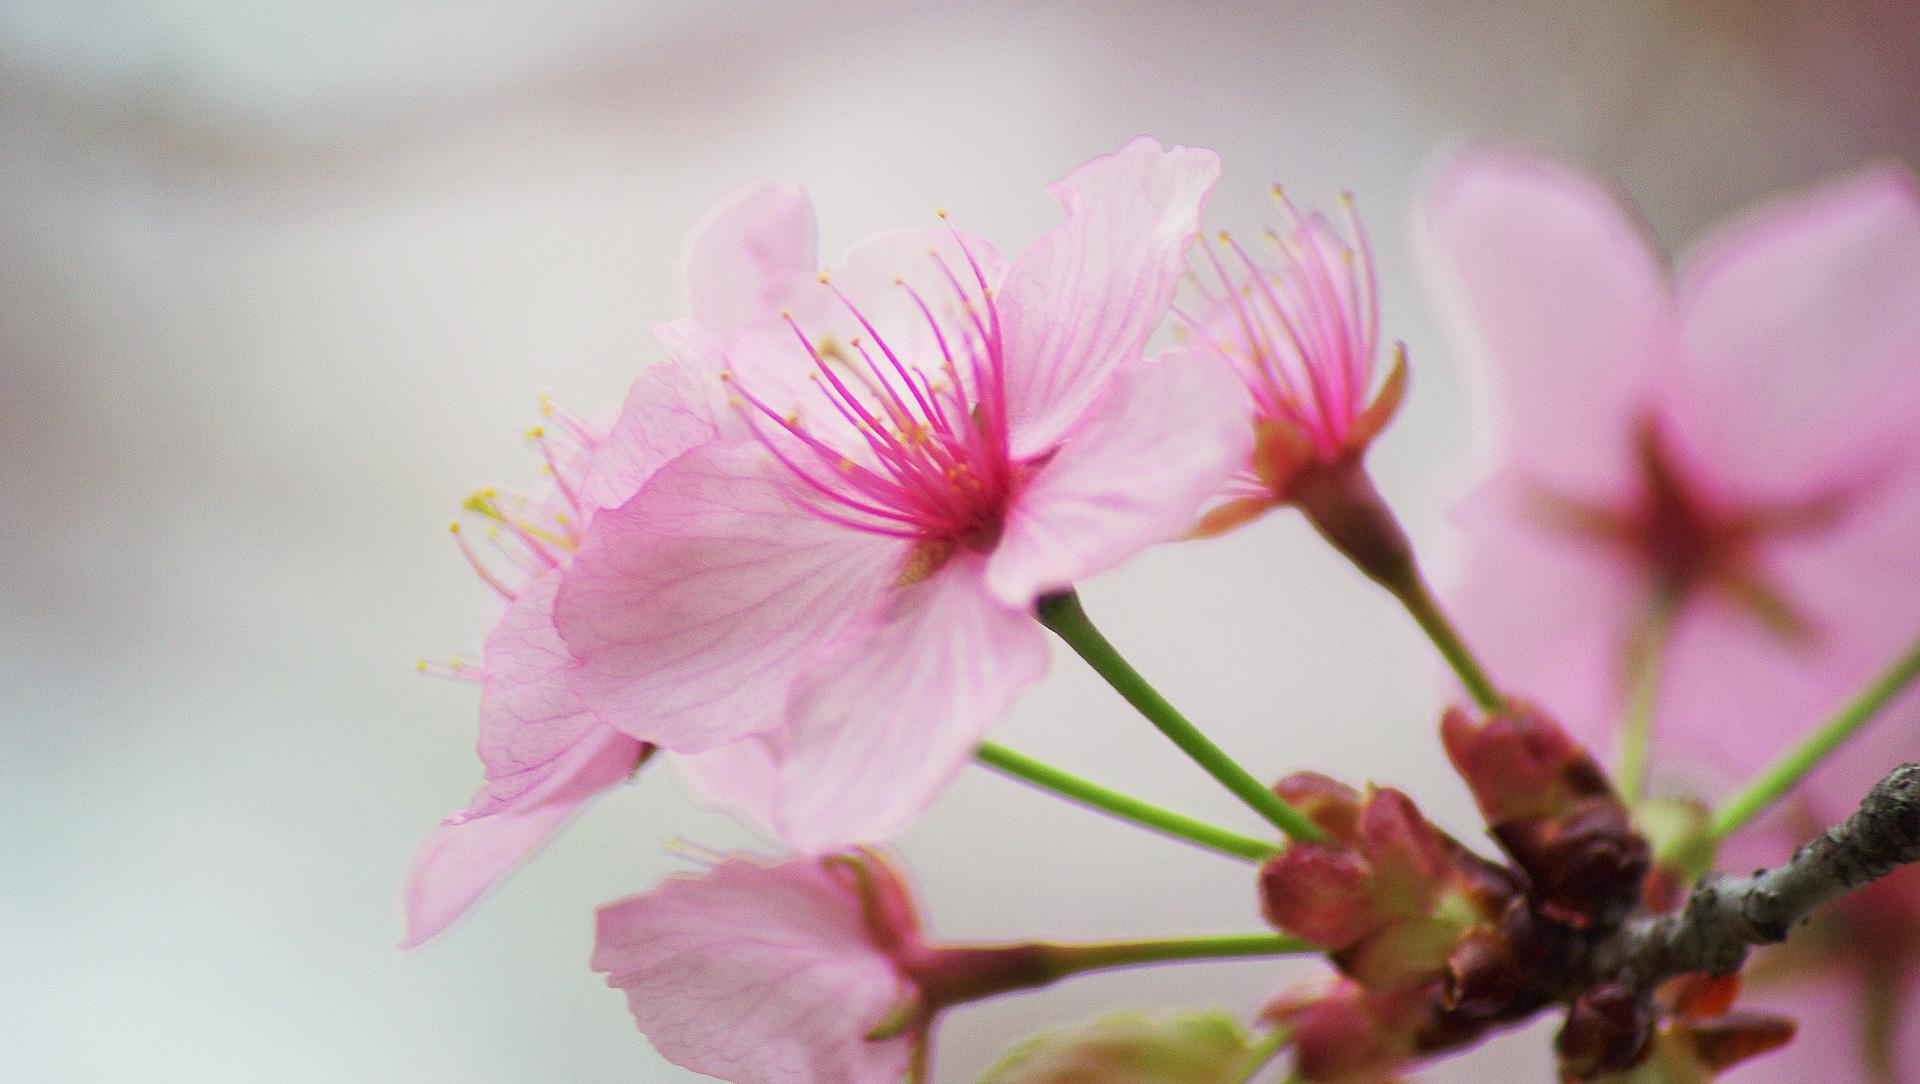 Dimanche 16 avril: un peu de douceur avec cette fleur de cerisier au jardin botanique de Toronto